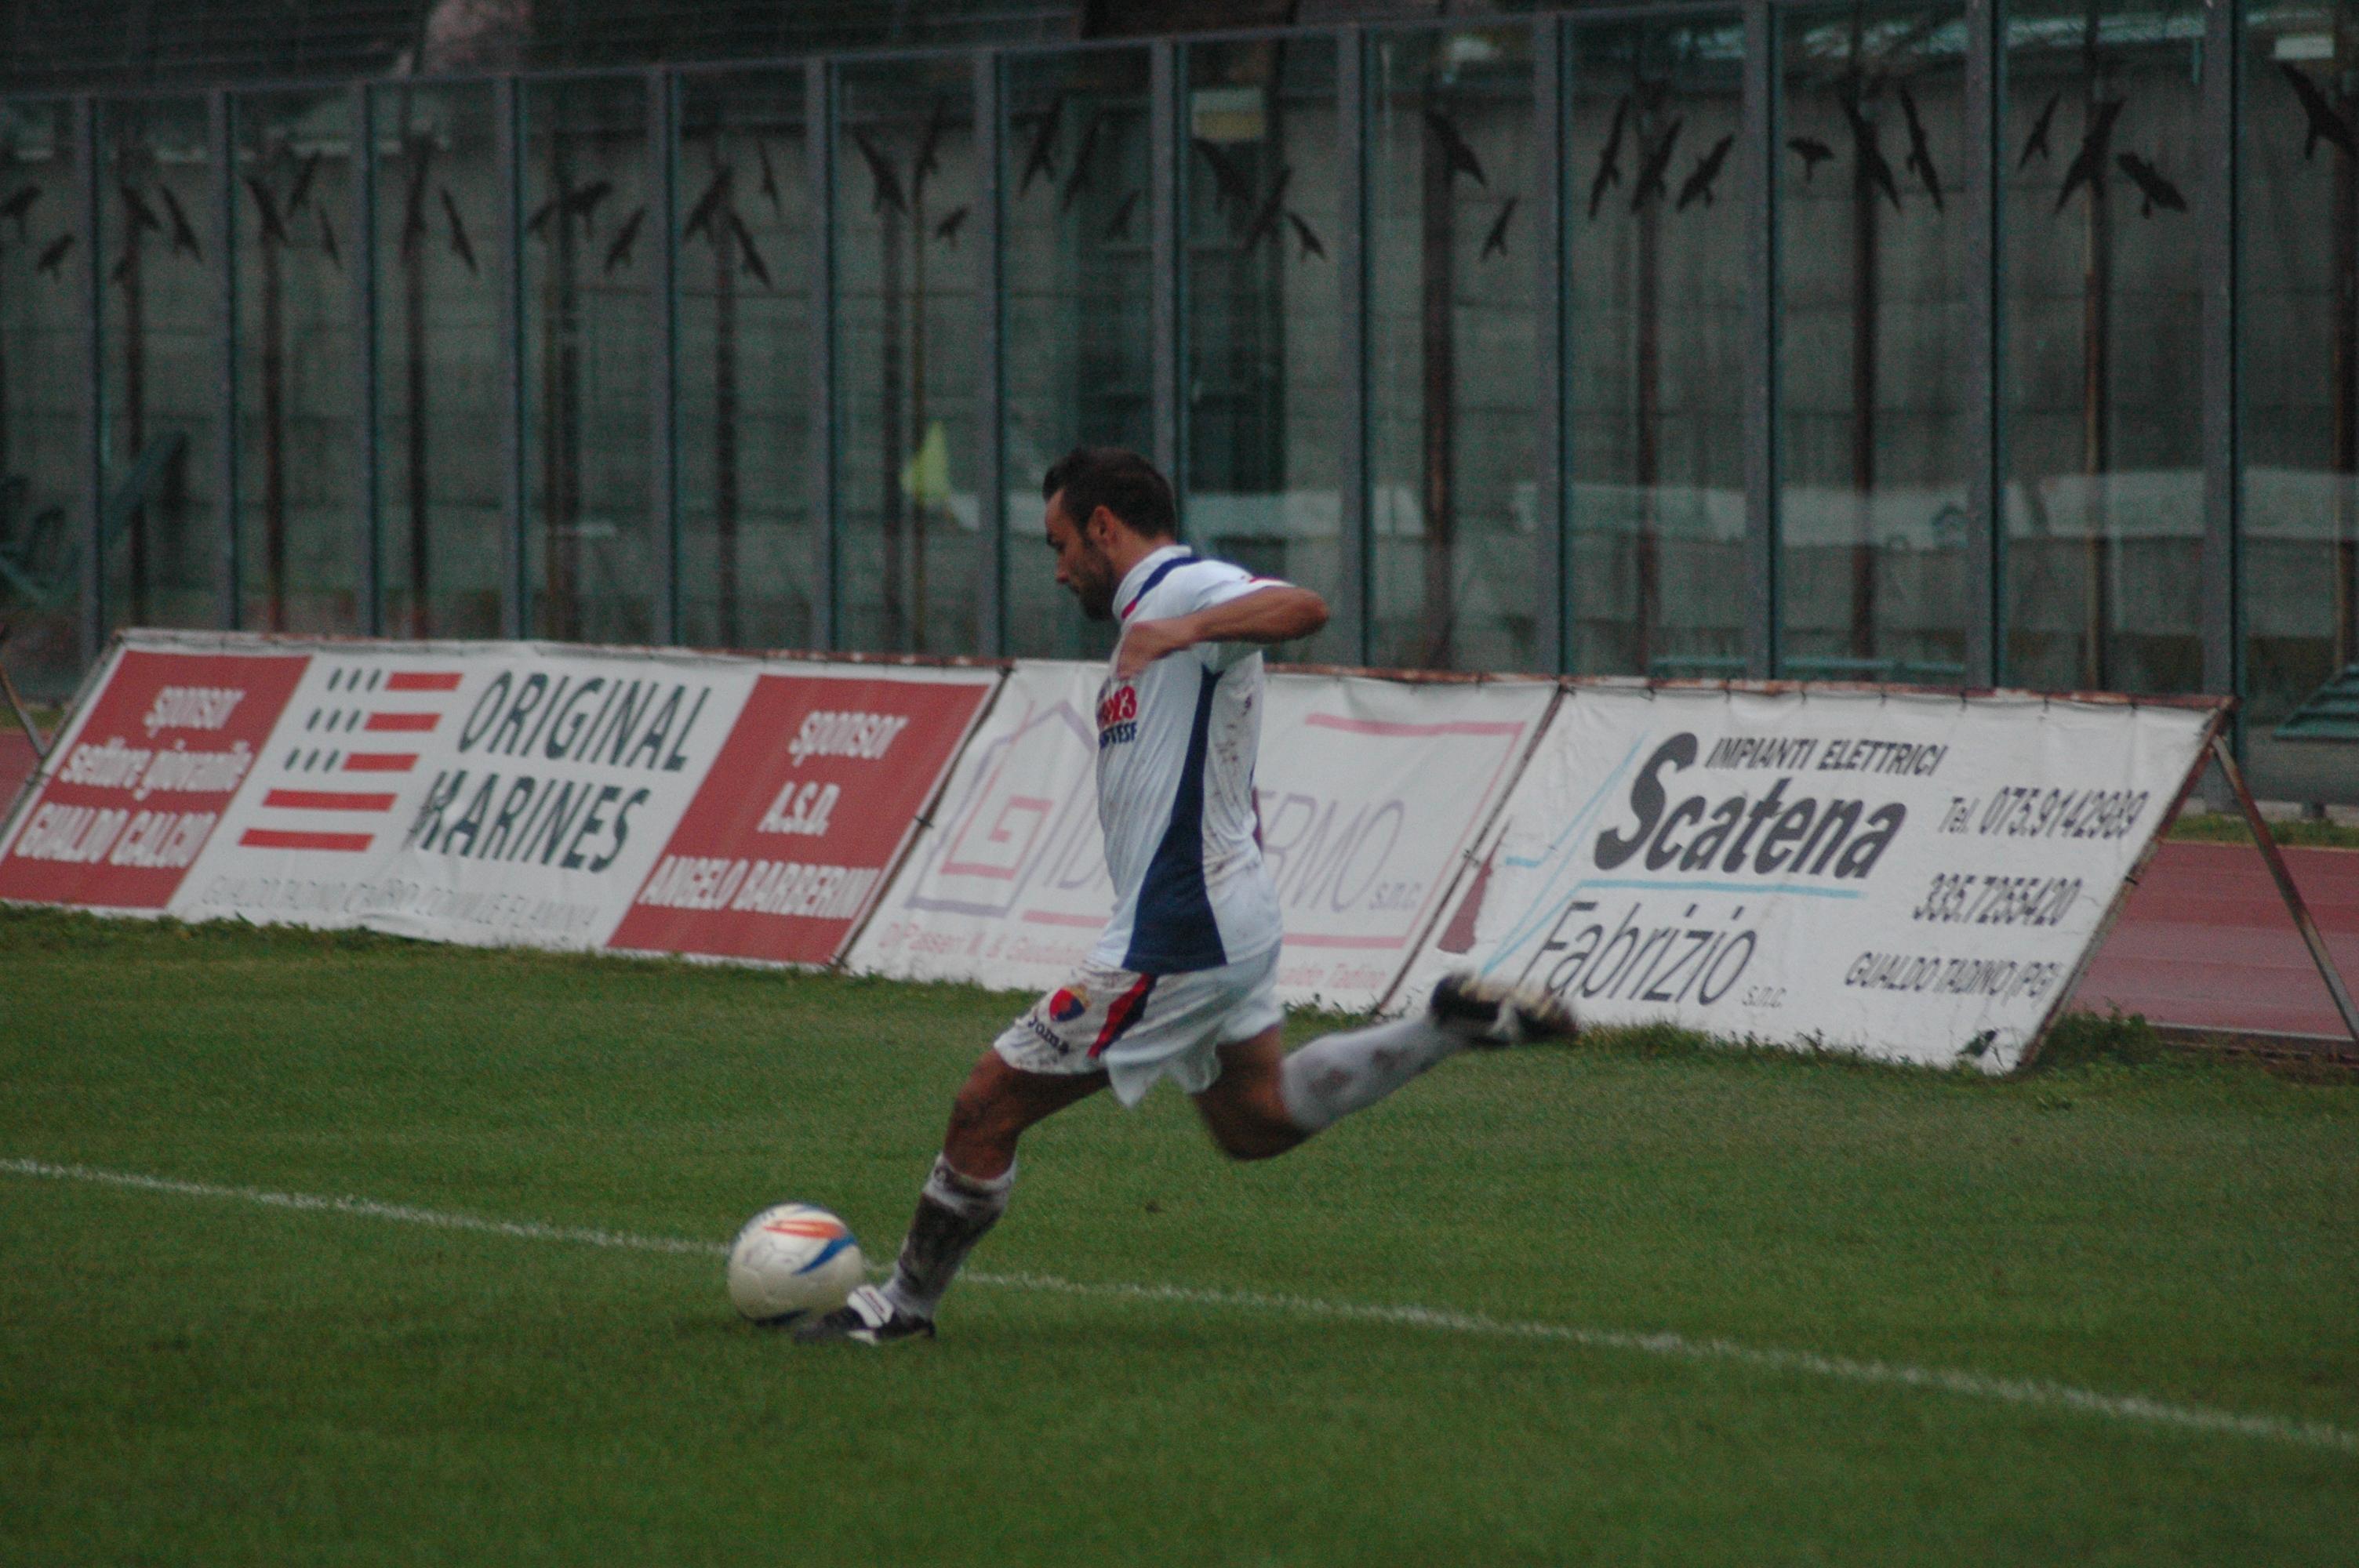 17 Il tiro di Napolano, che porterà al secondo gol (GIAMMUSSO)